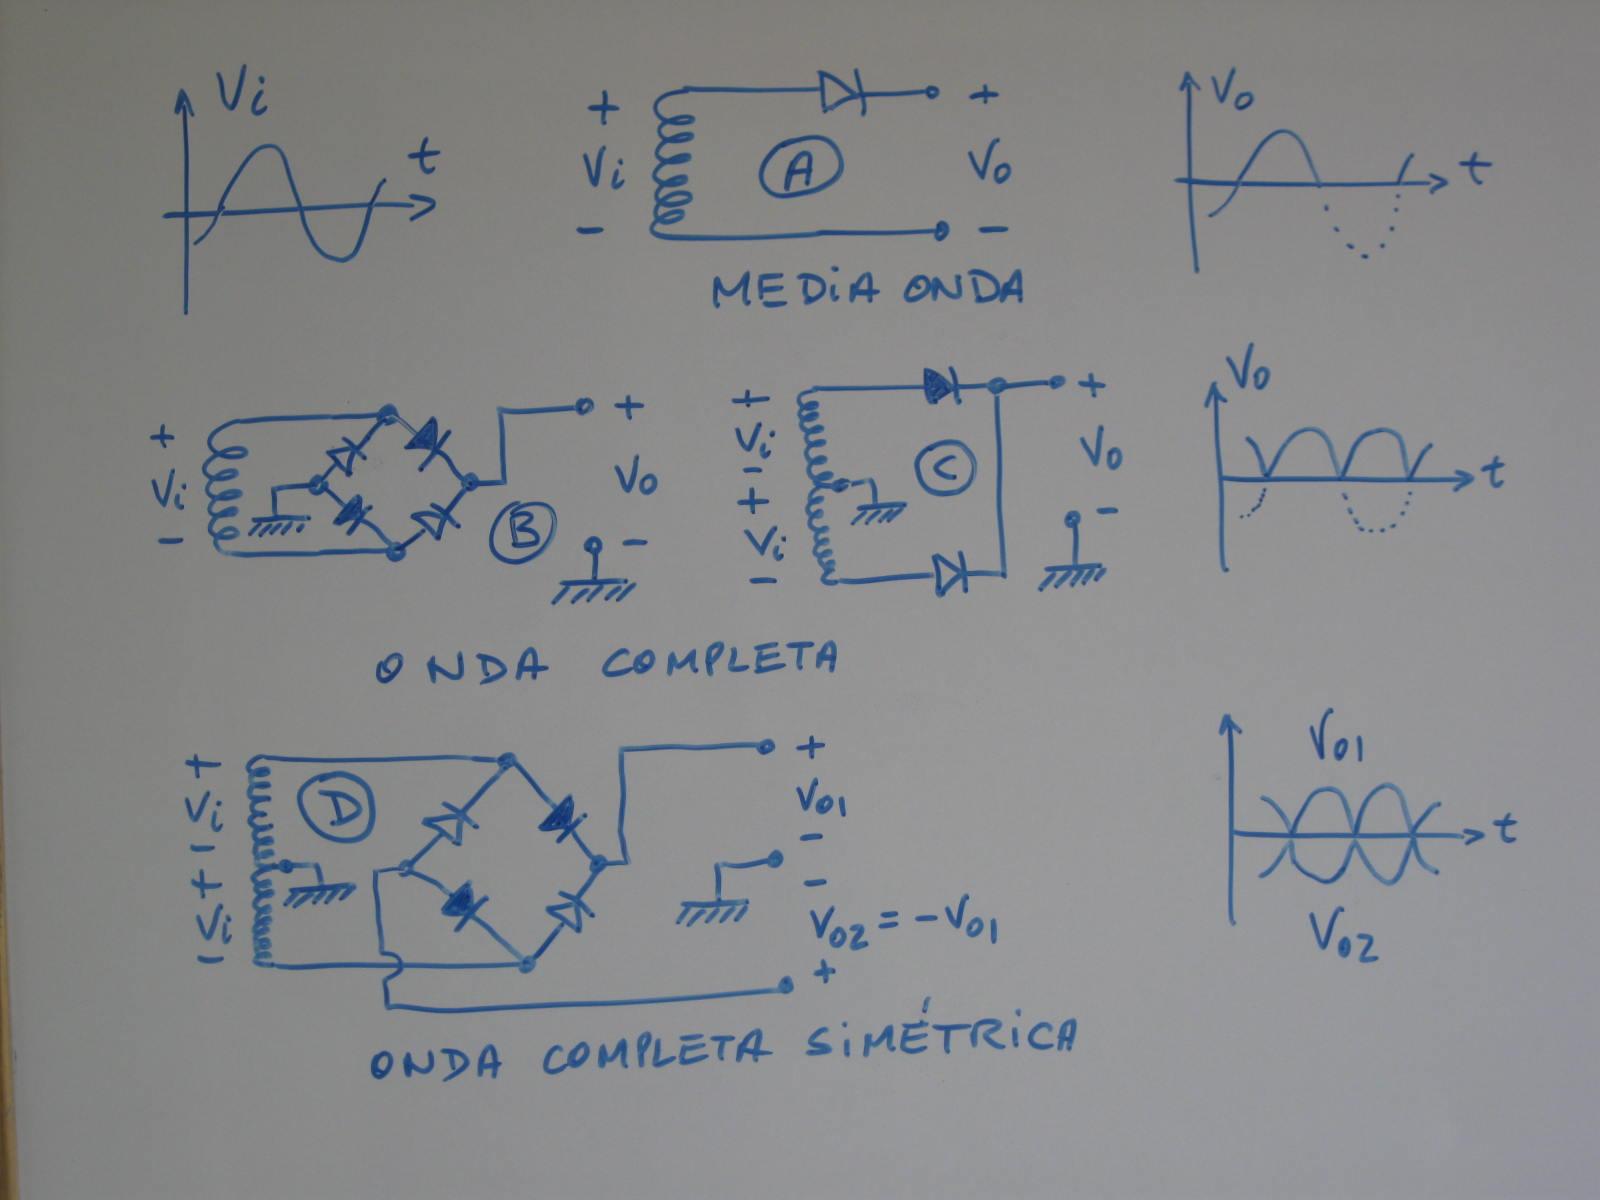 Circuito Rectificador : N diodo rectificador v a arduino raspberry